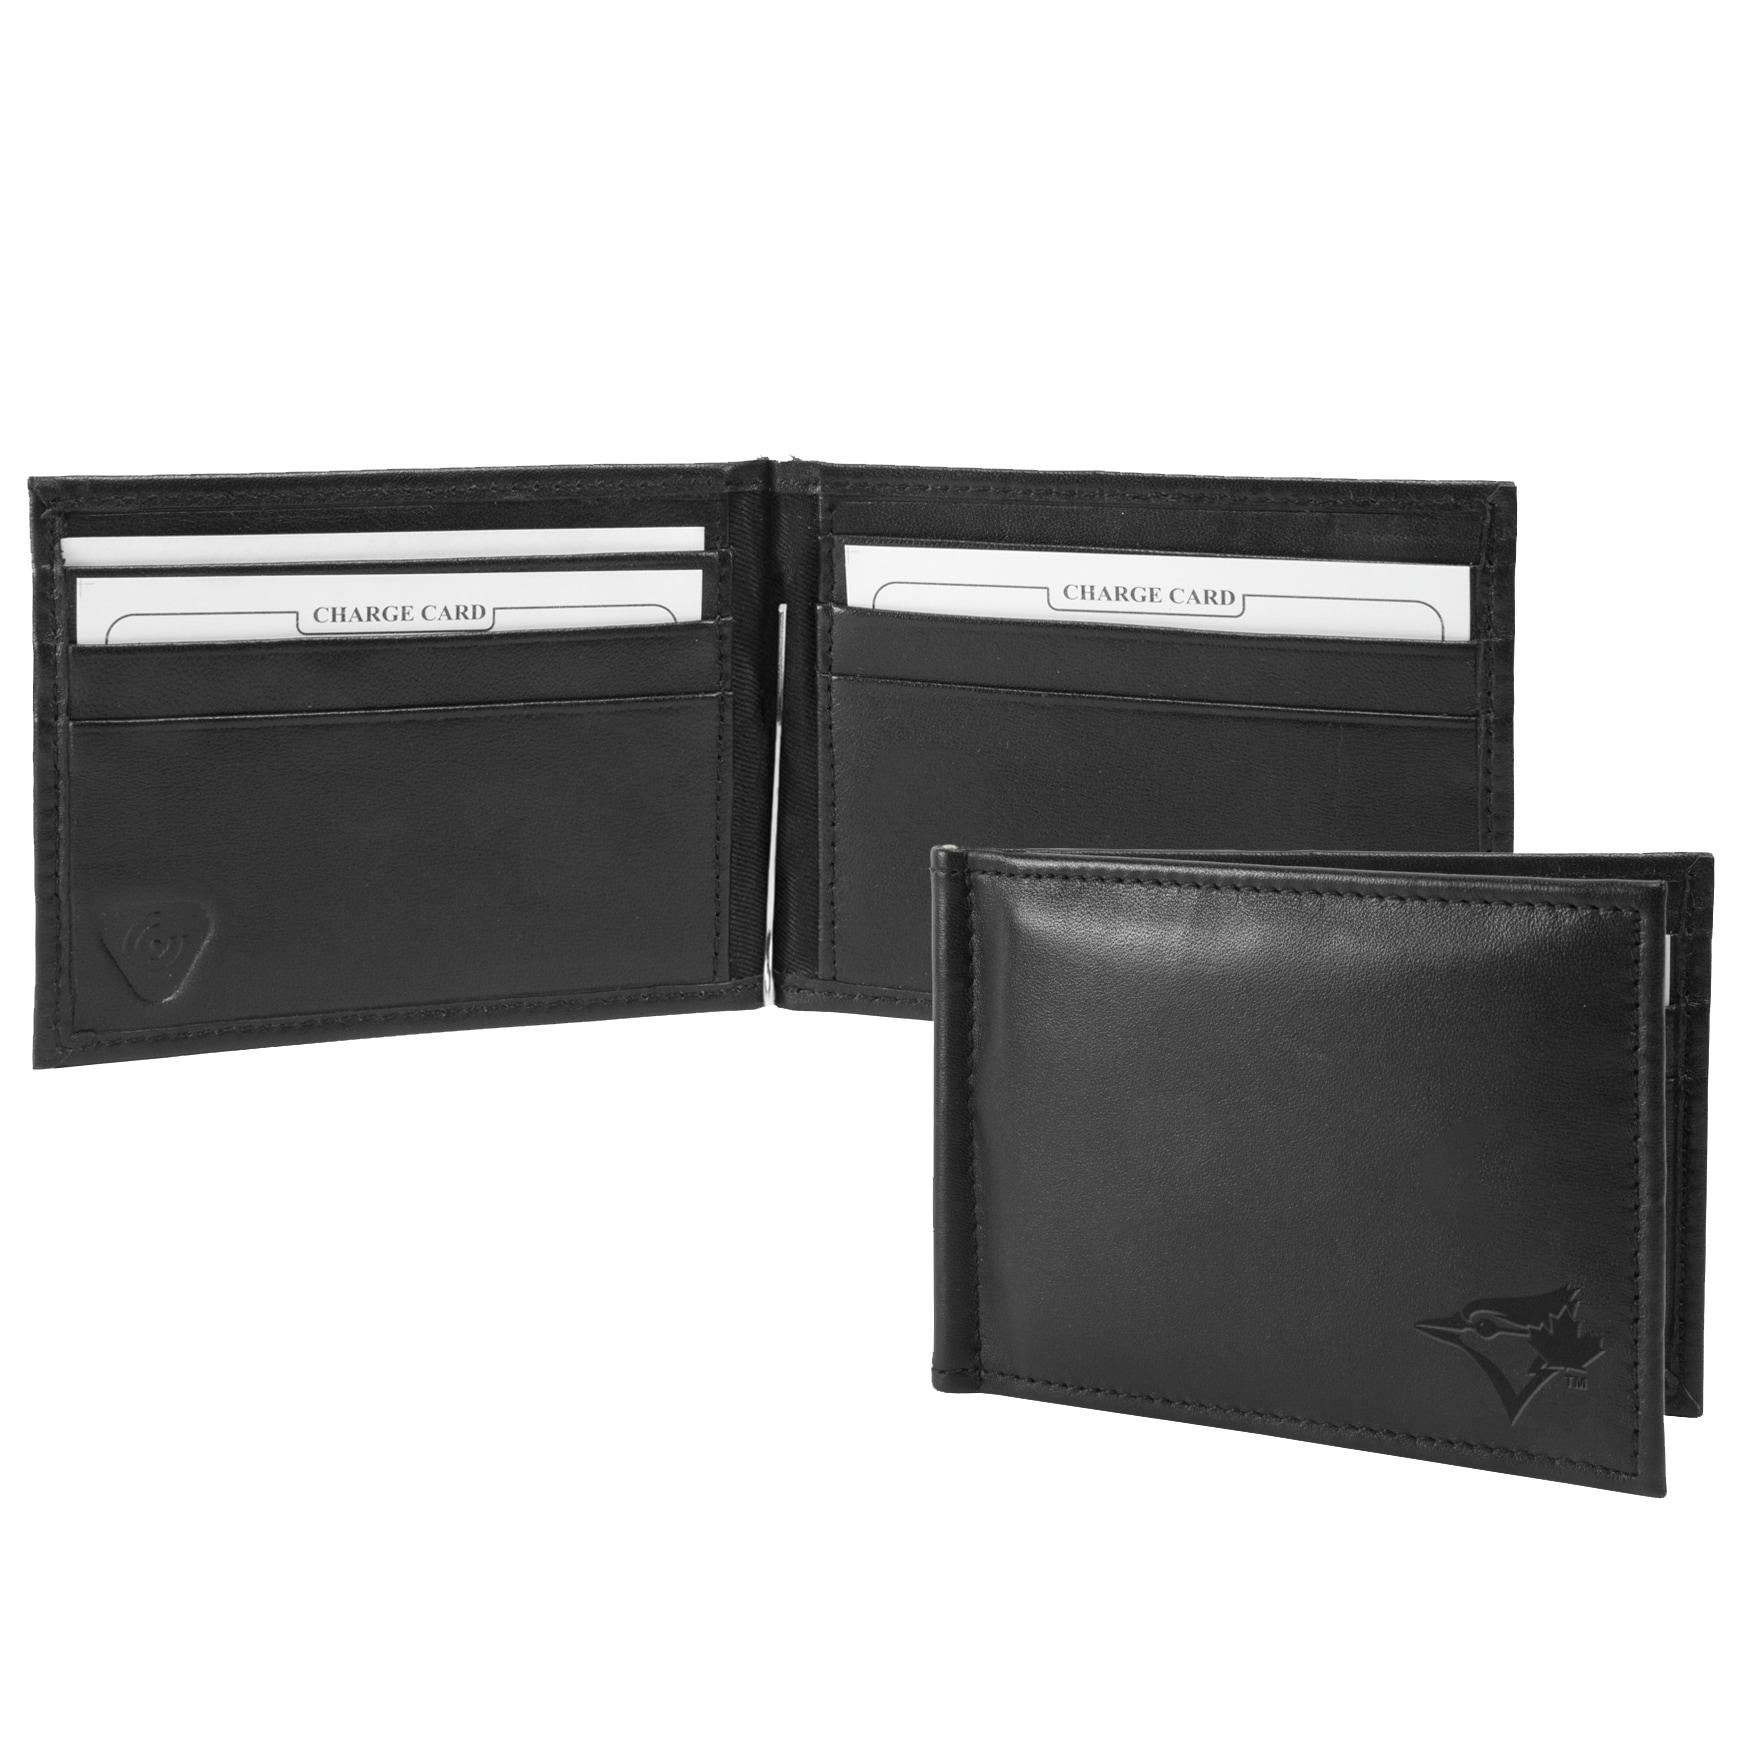 Toronto Blue Jays Shield Money Clip & Wallet - Black